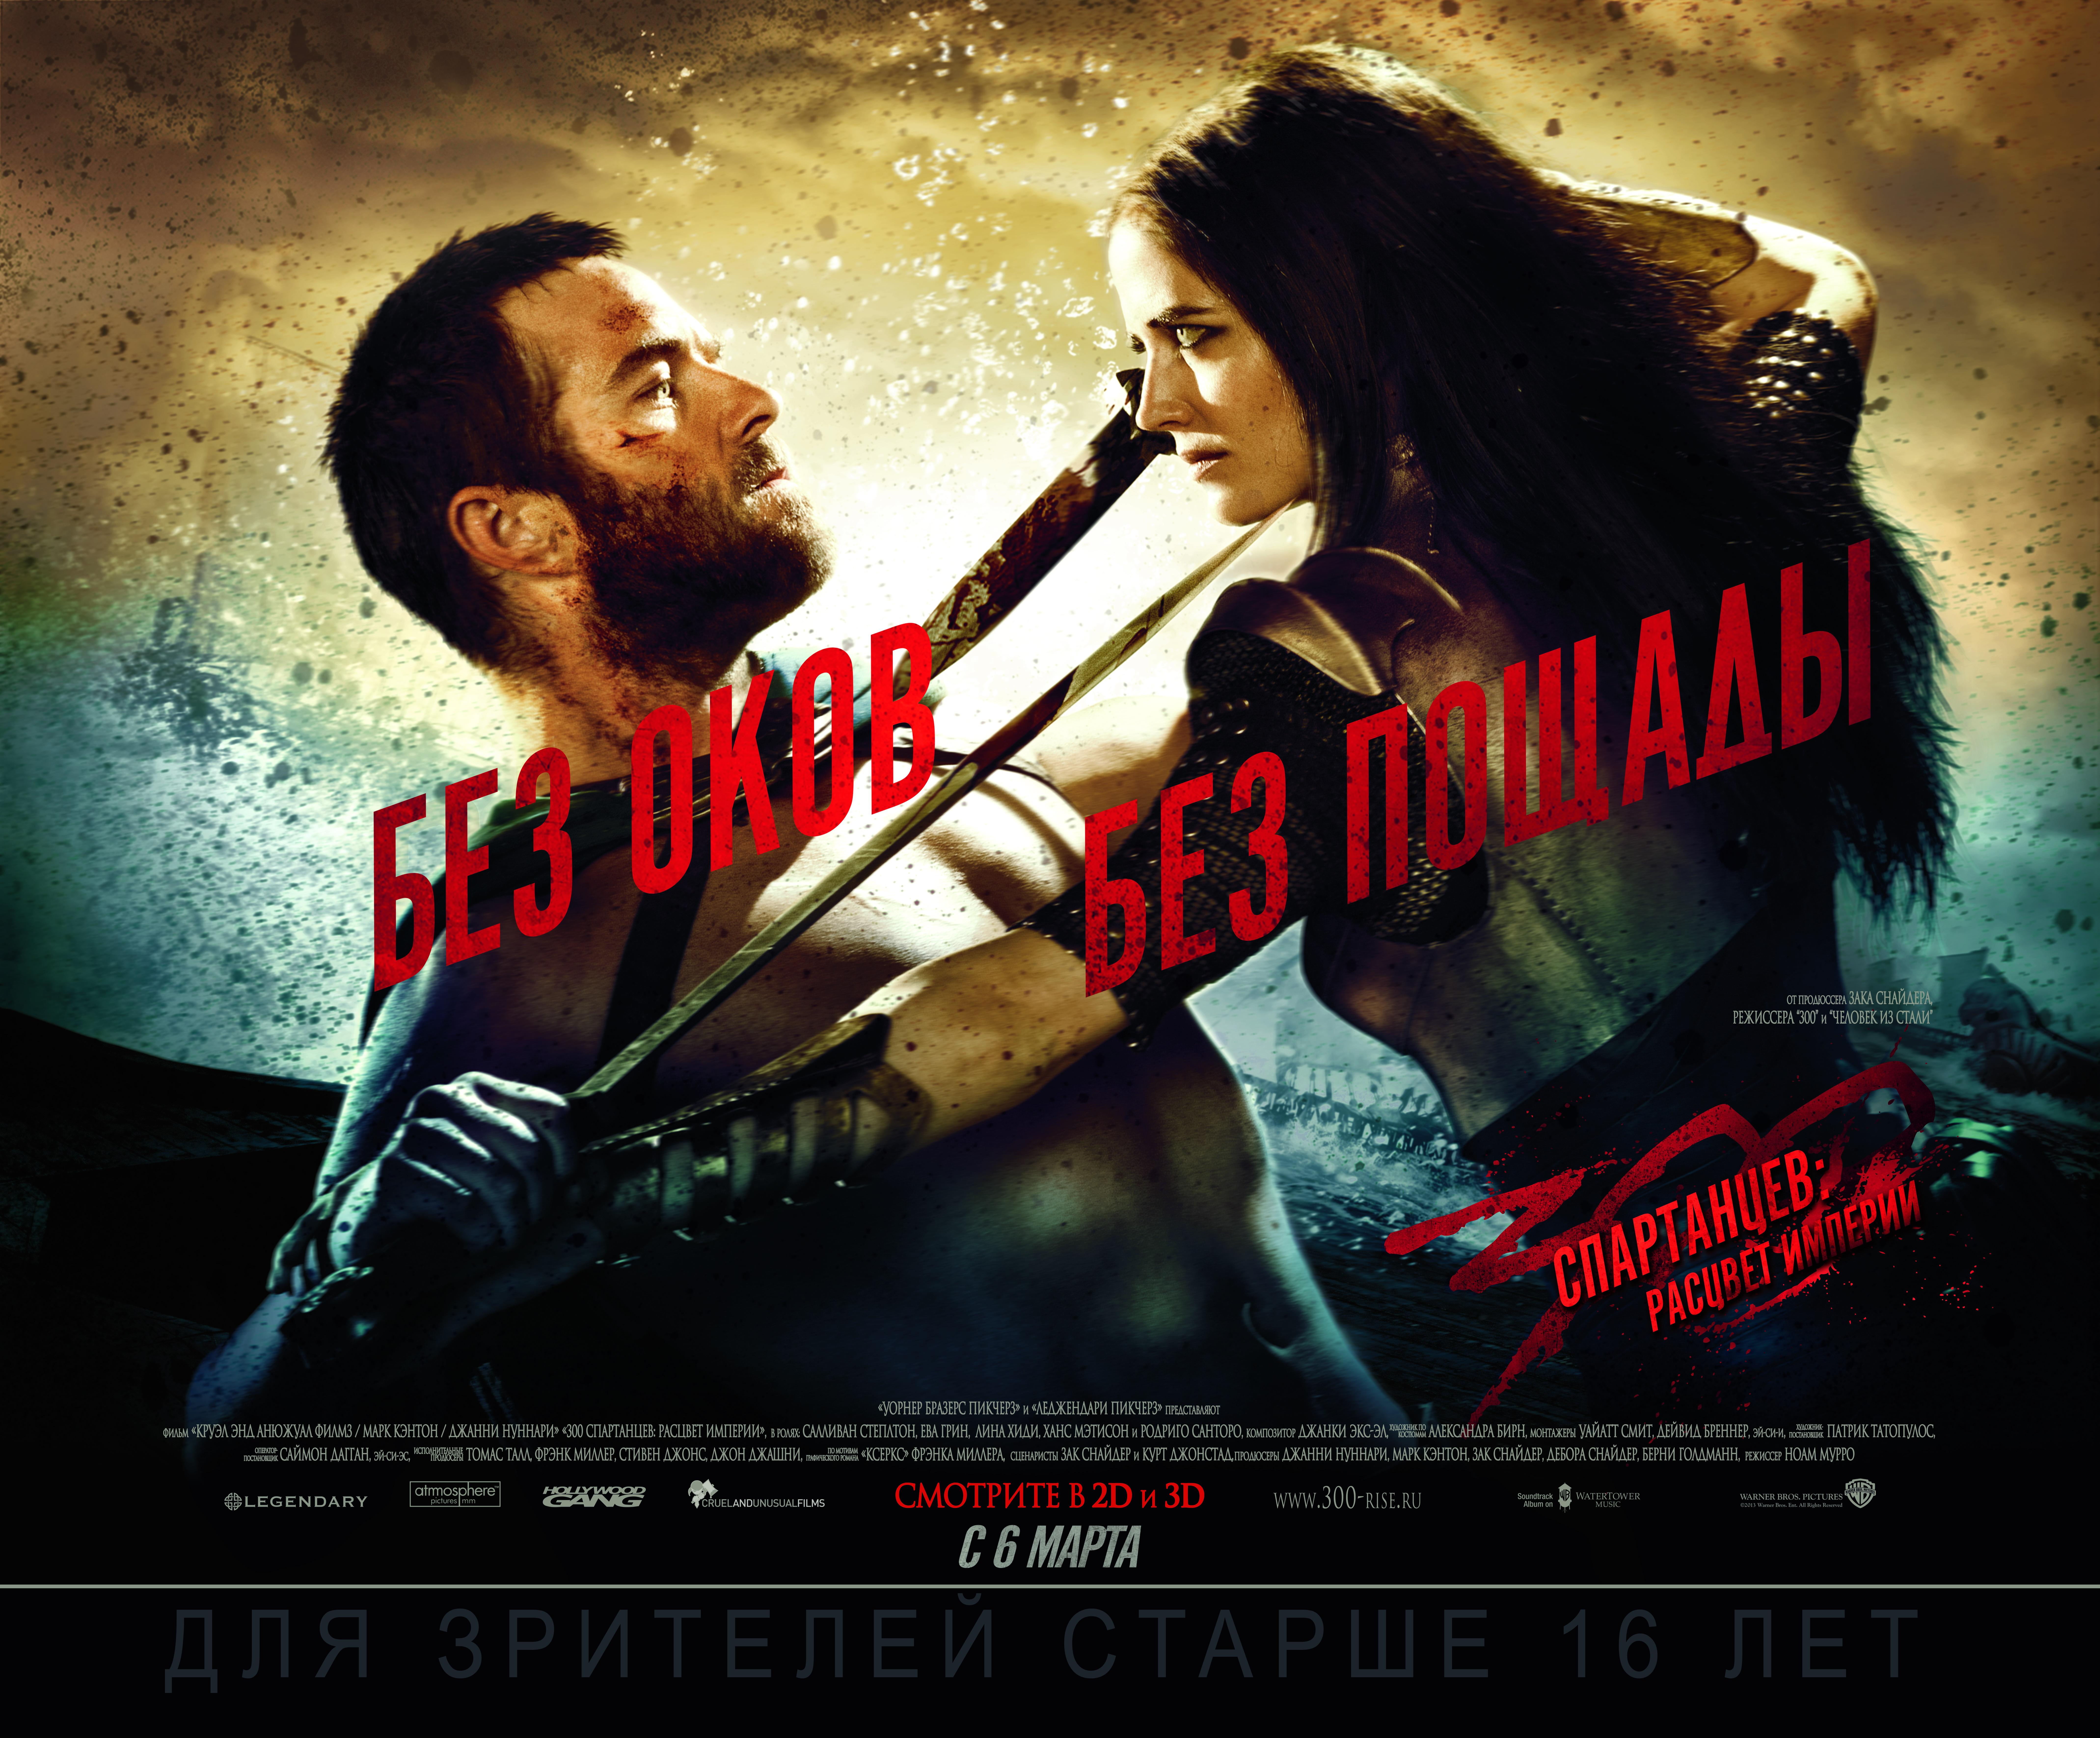 Рецензия на фильм «300 Спартанцев: Расцвет империи» — Про кино ...